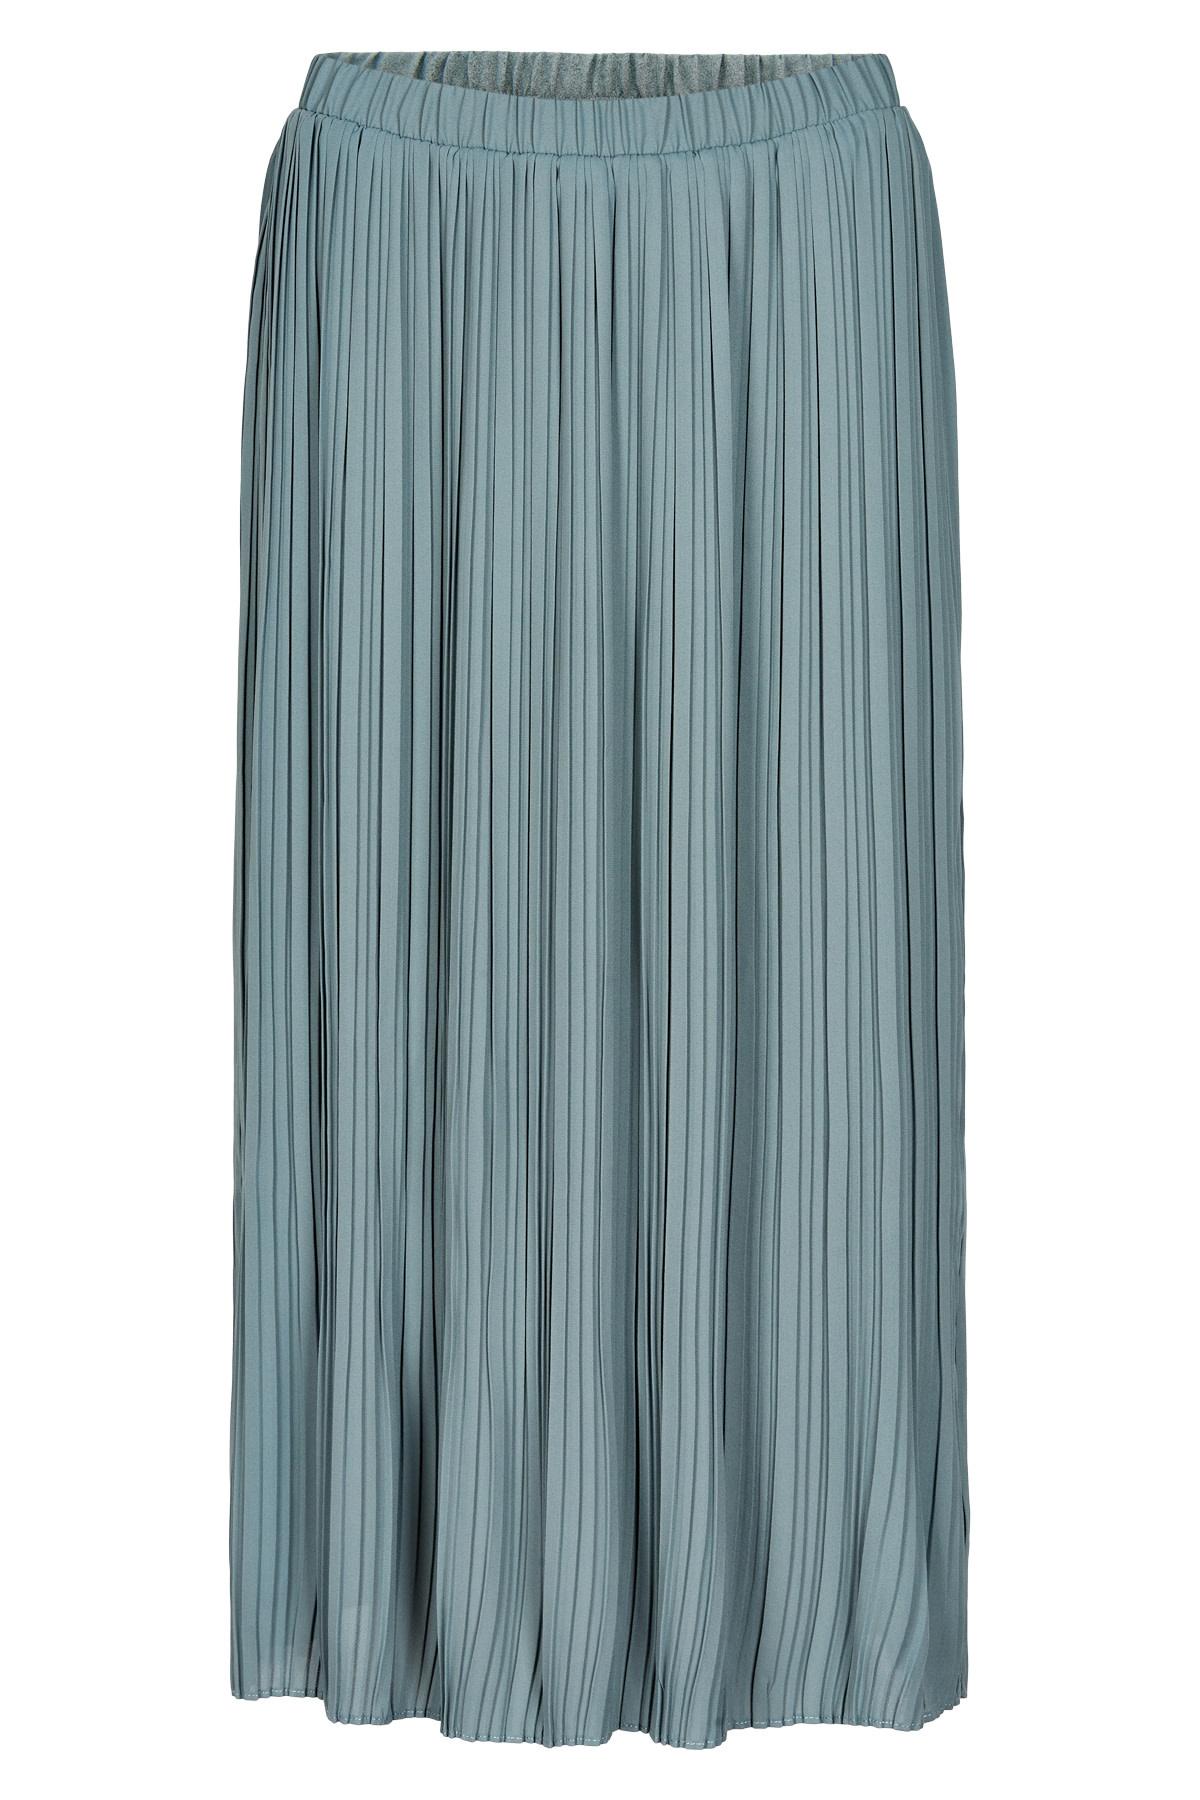 AndLess Abbygail Skirt - Blauw/grijs